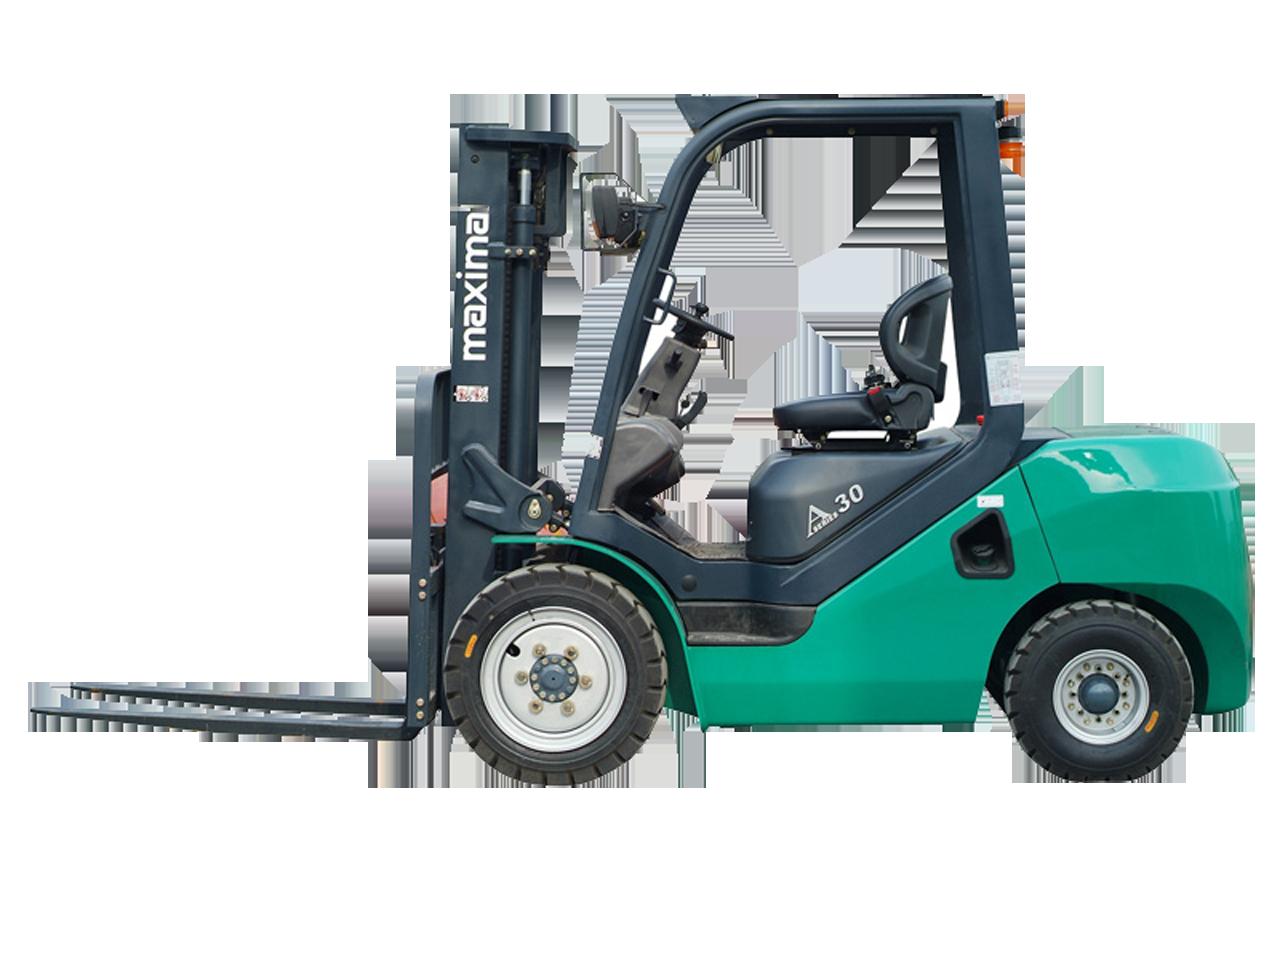 Forklift ve Yük Arabalarının İthalatına Gözetim Uygulaması Getirildi